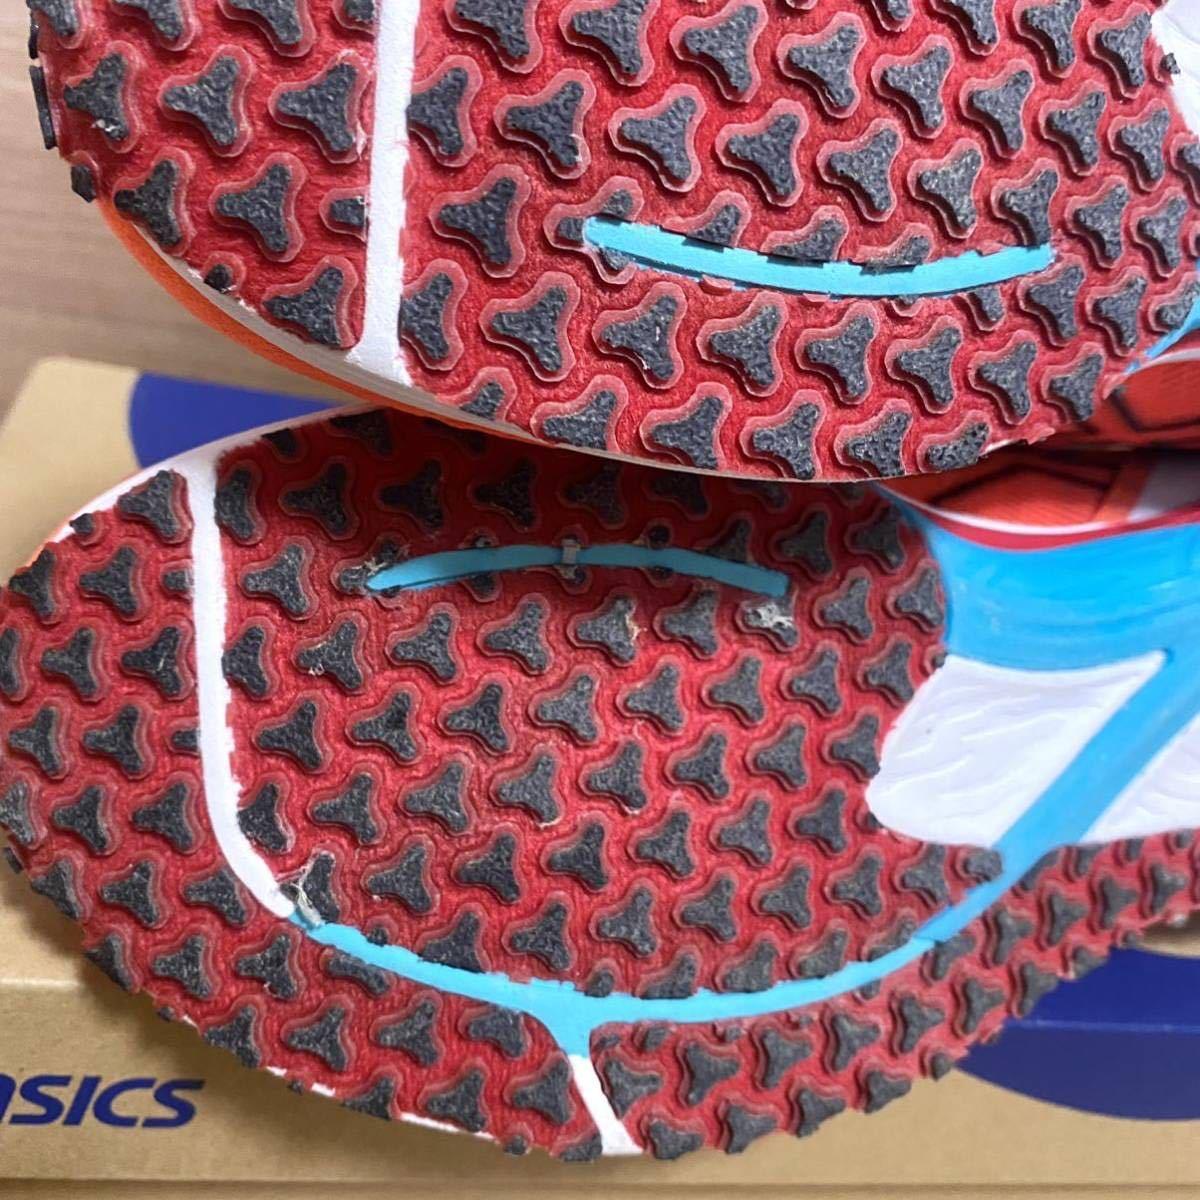 アシックス ランニングシューズ メンズ TARTHEREDGE 靴 スニーカー サンライズレッド ブラック 赤 黒 1011A853 600 新品 26cm asics ジム